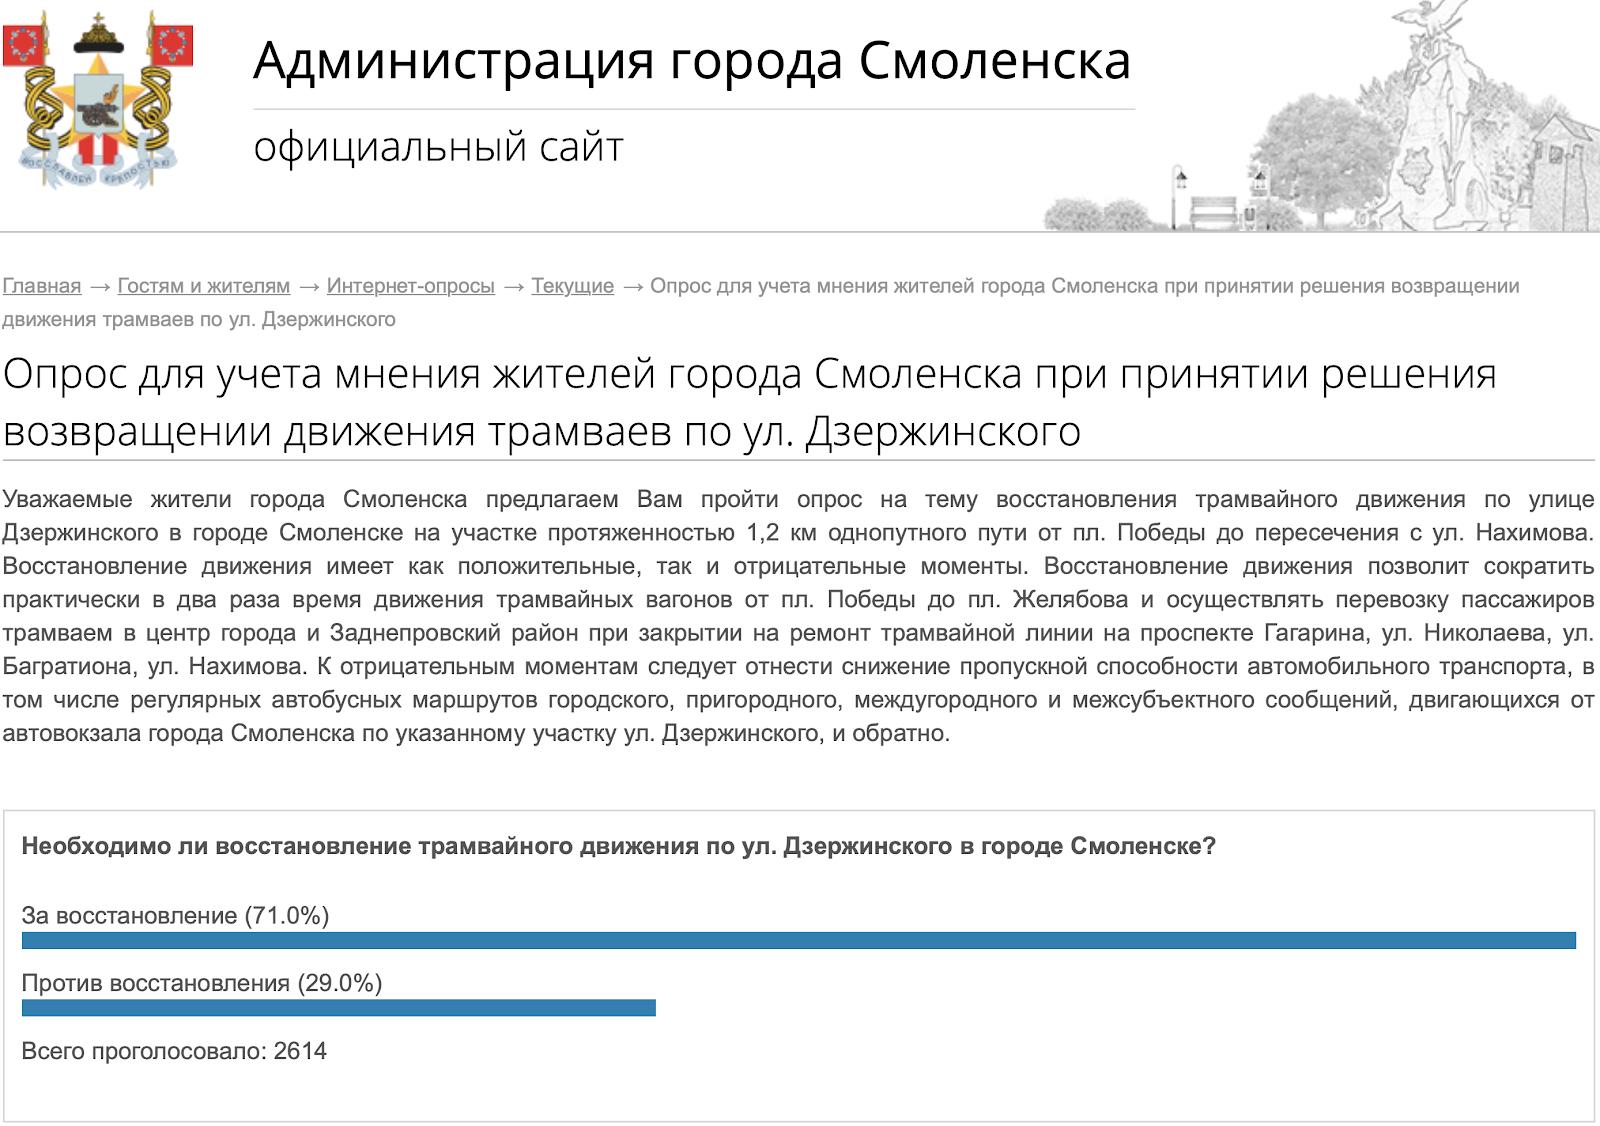 smoladmin.ru/gostyam-i-zhitelyam/internet-opros/tekuschie-oprosy/opros-dlya-ucheta-mneniya-zhitelej-goroda-smolenska-pri-prinyatii-resheniya-vozvraschenii-dvizheniya-tramvaev-po-ul-dzerzhinskogo/